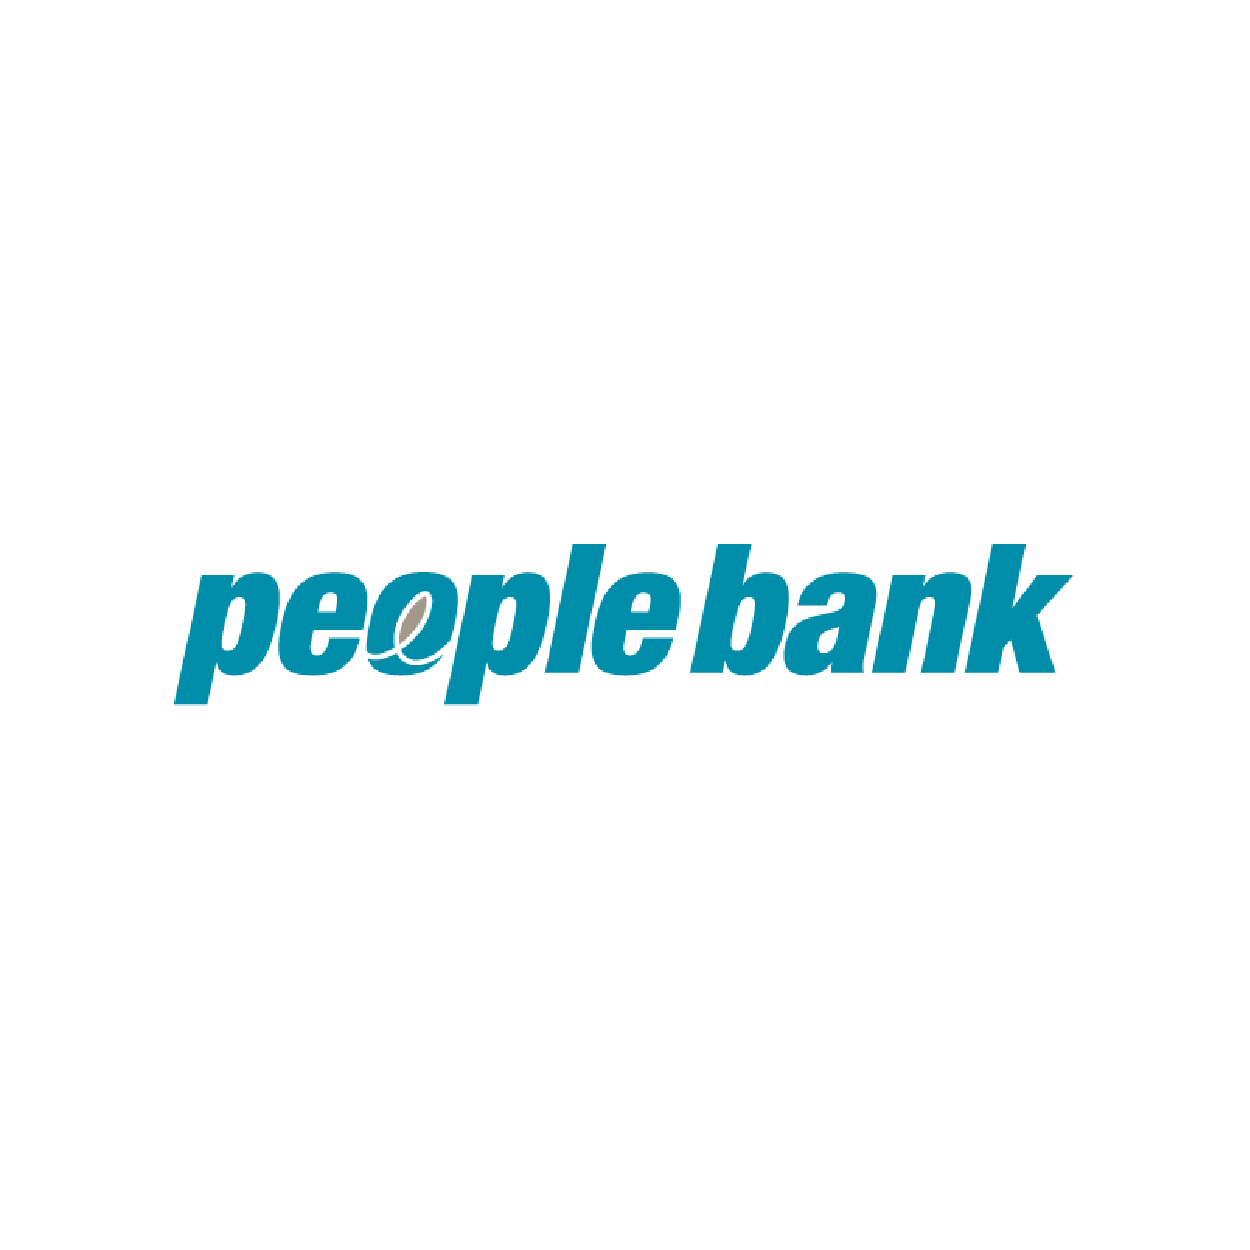 Peoplebank